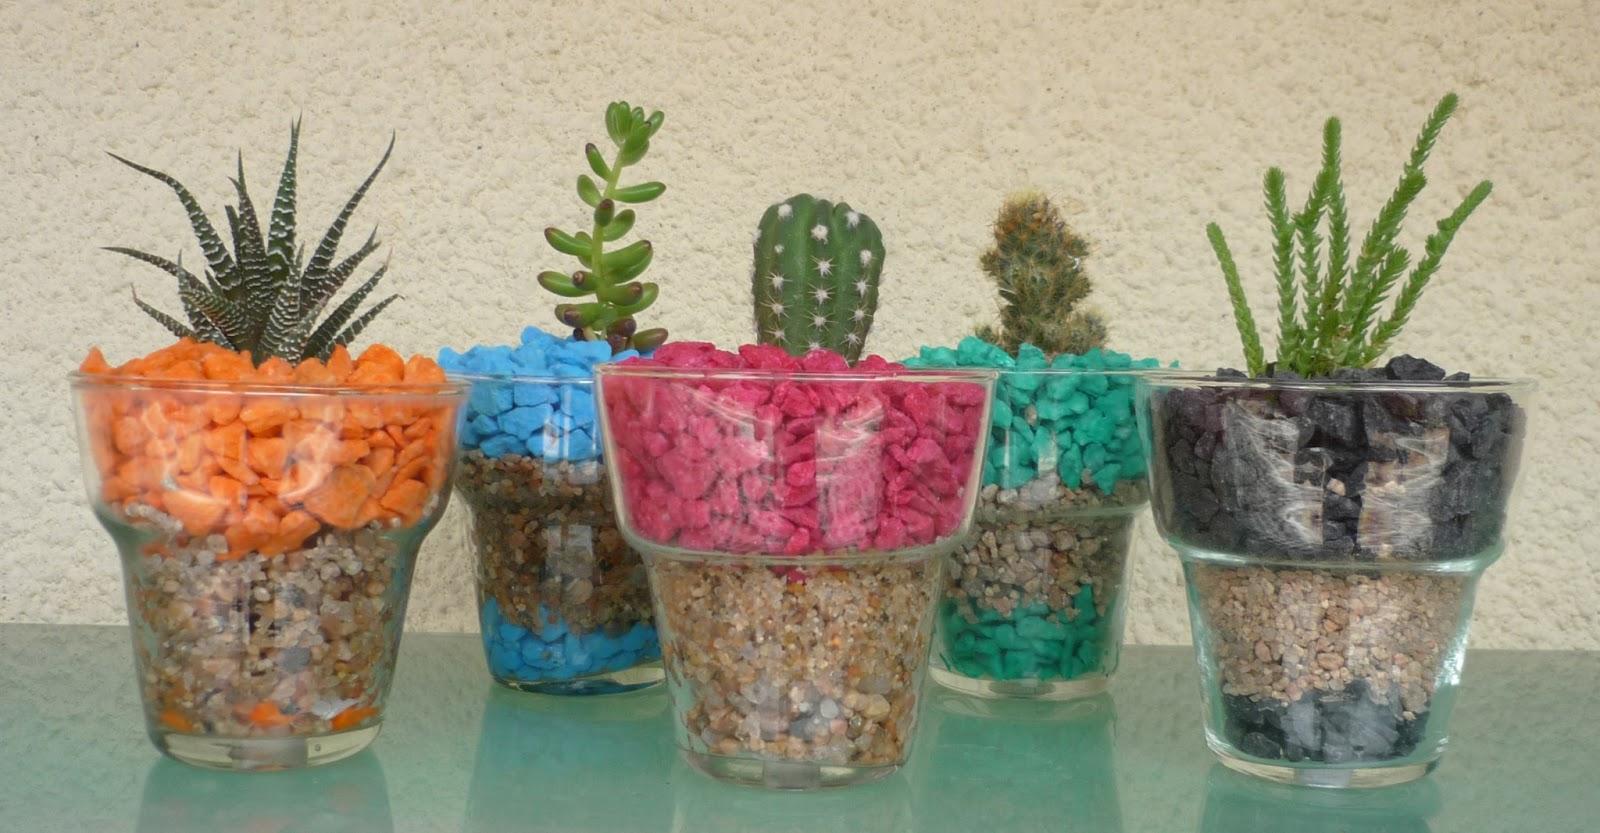 Happy plants cactus crasas en macetas de vidrio - Cactus en macetas pequenas ...